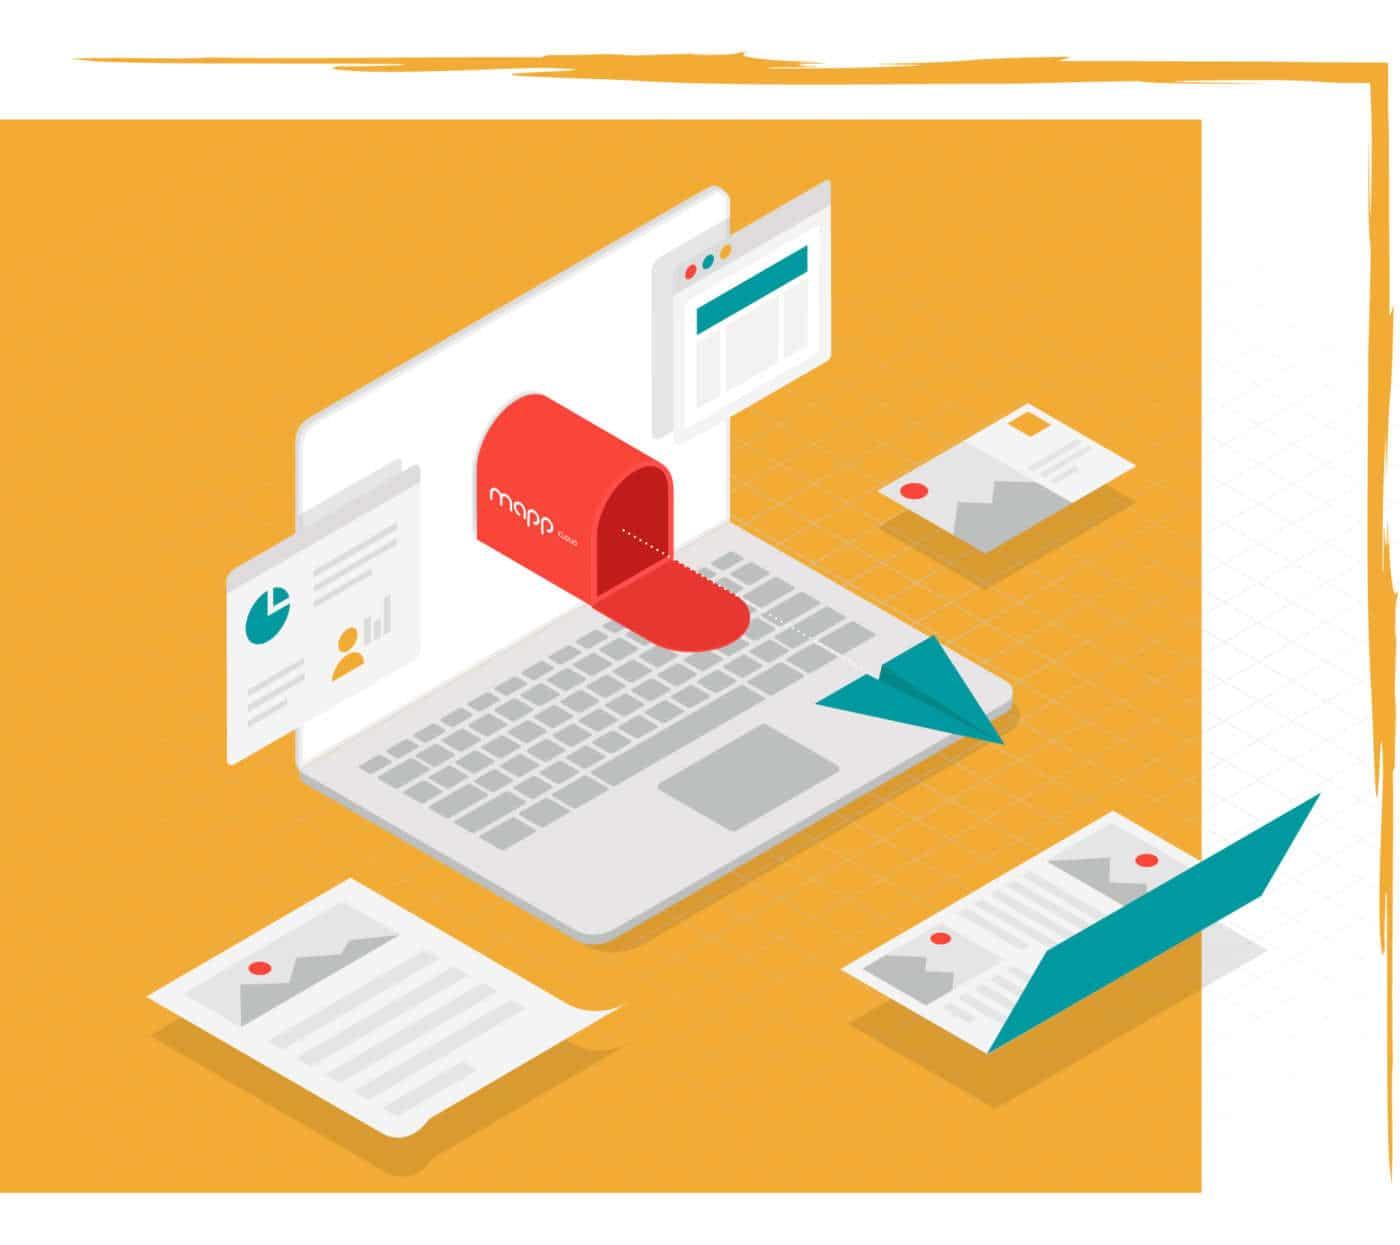 Personalizing Print Communications